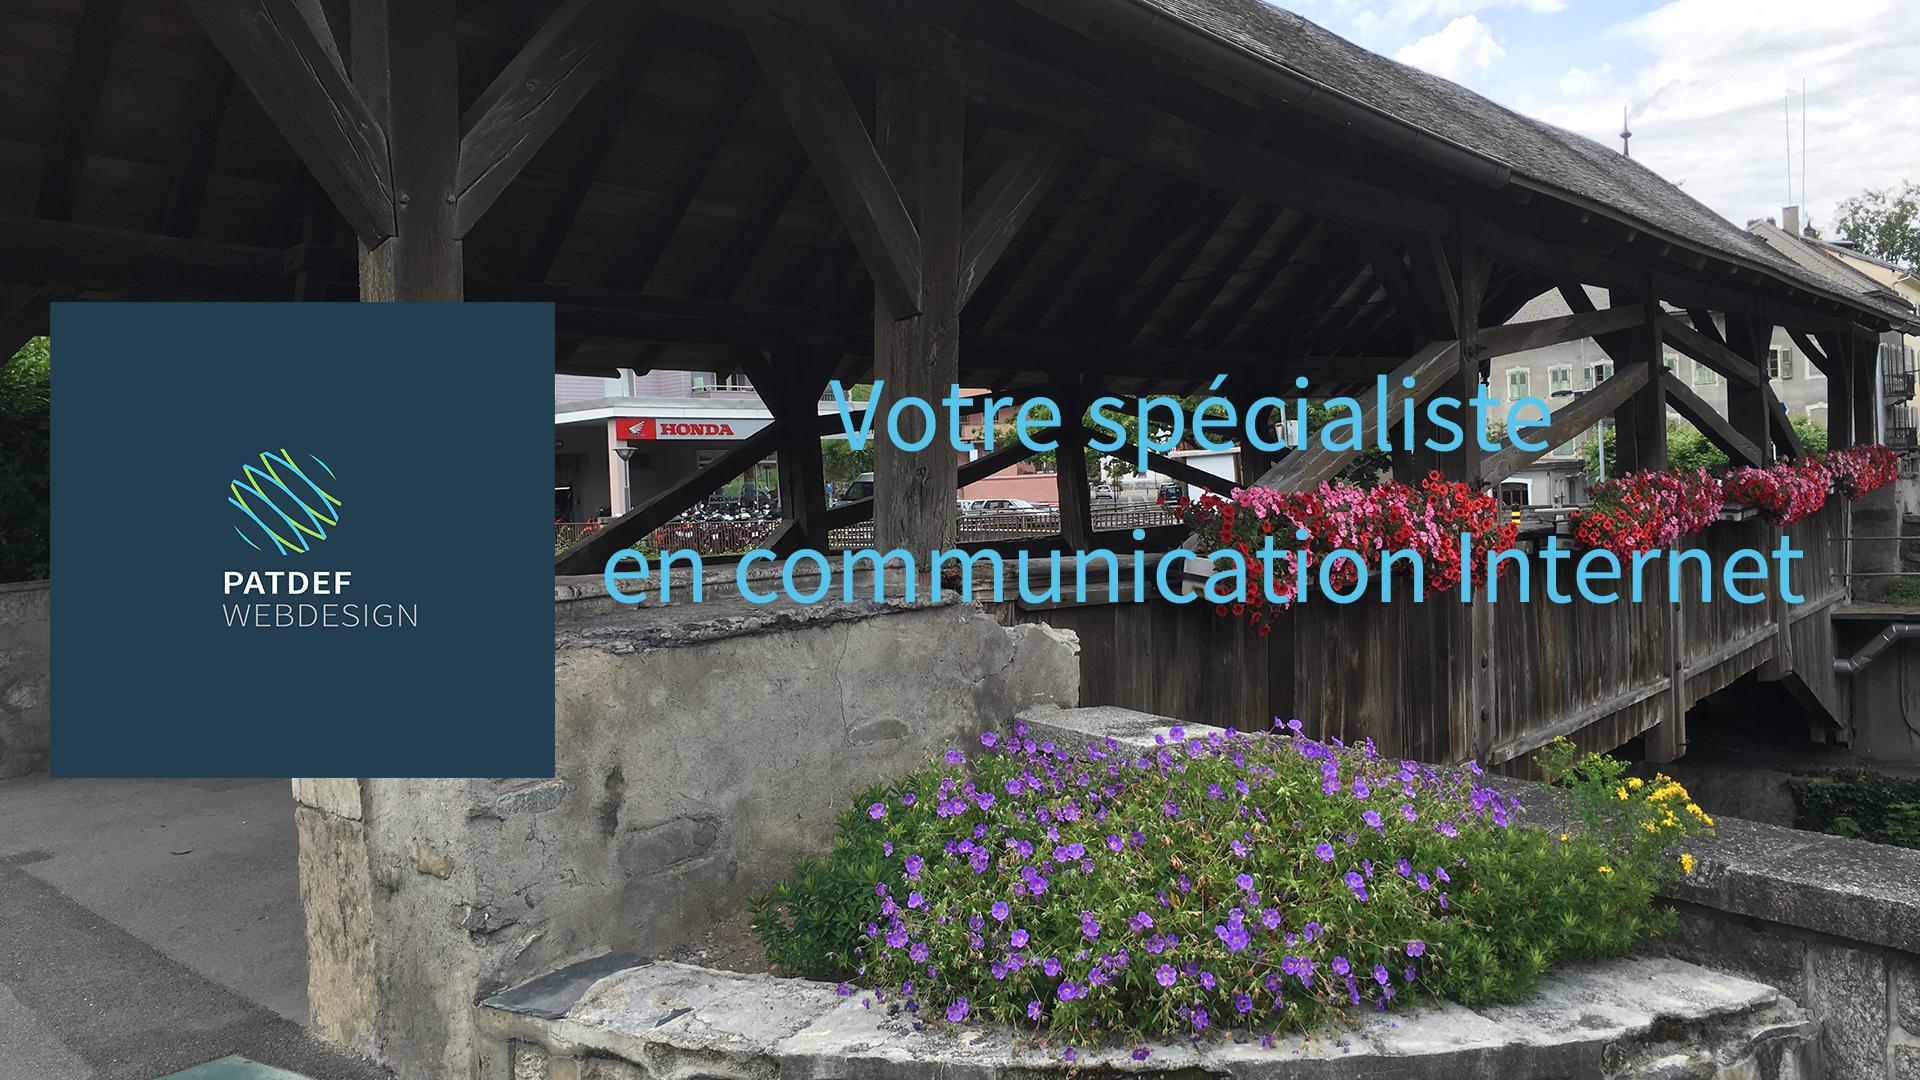 """Image de couverture de PATDEF-webdesign avec le logo, le Vieux-Pont de Monthey et le slogan """"Votre spécialiste en Communication Internet"""""""